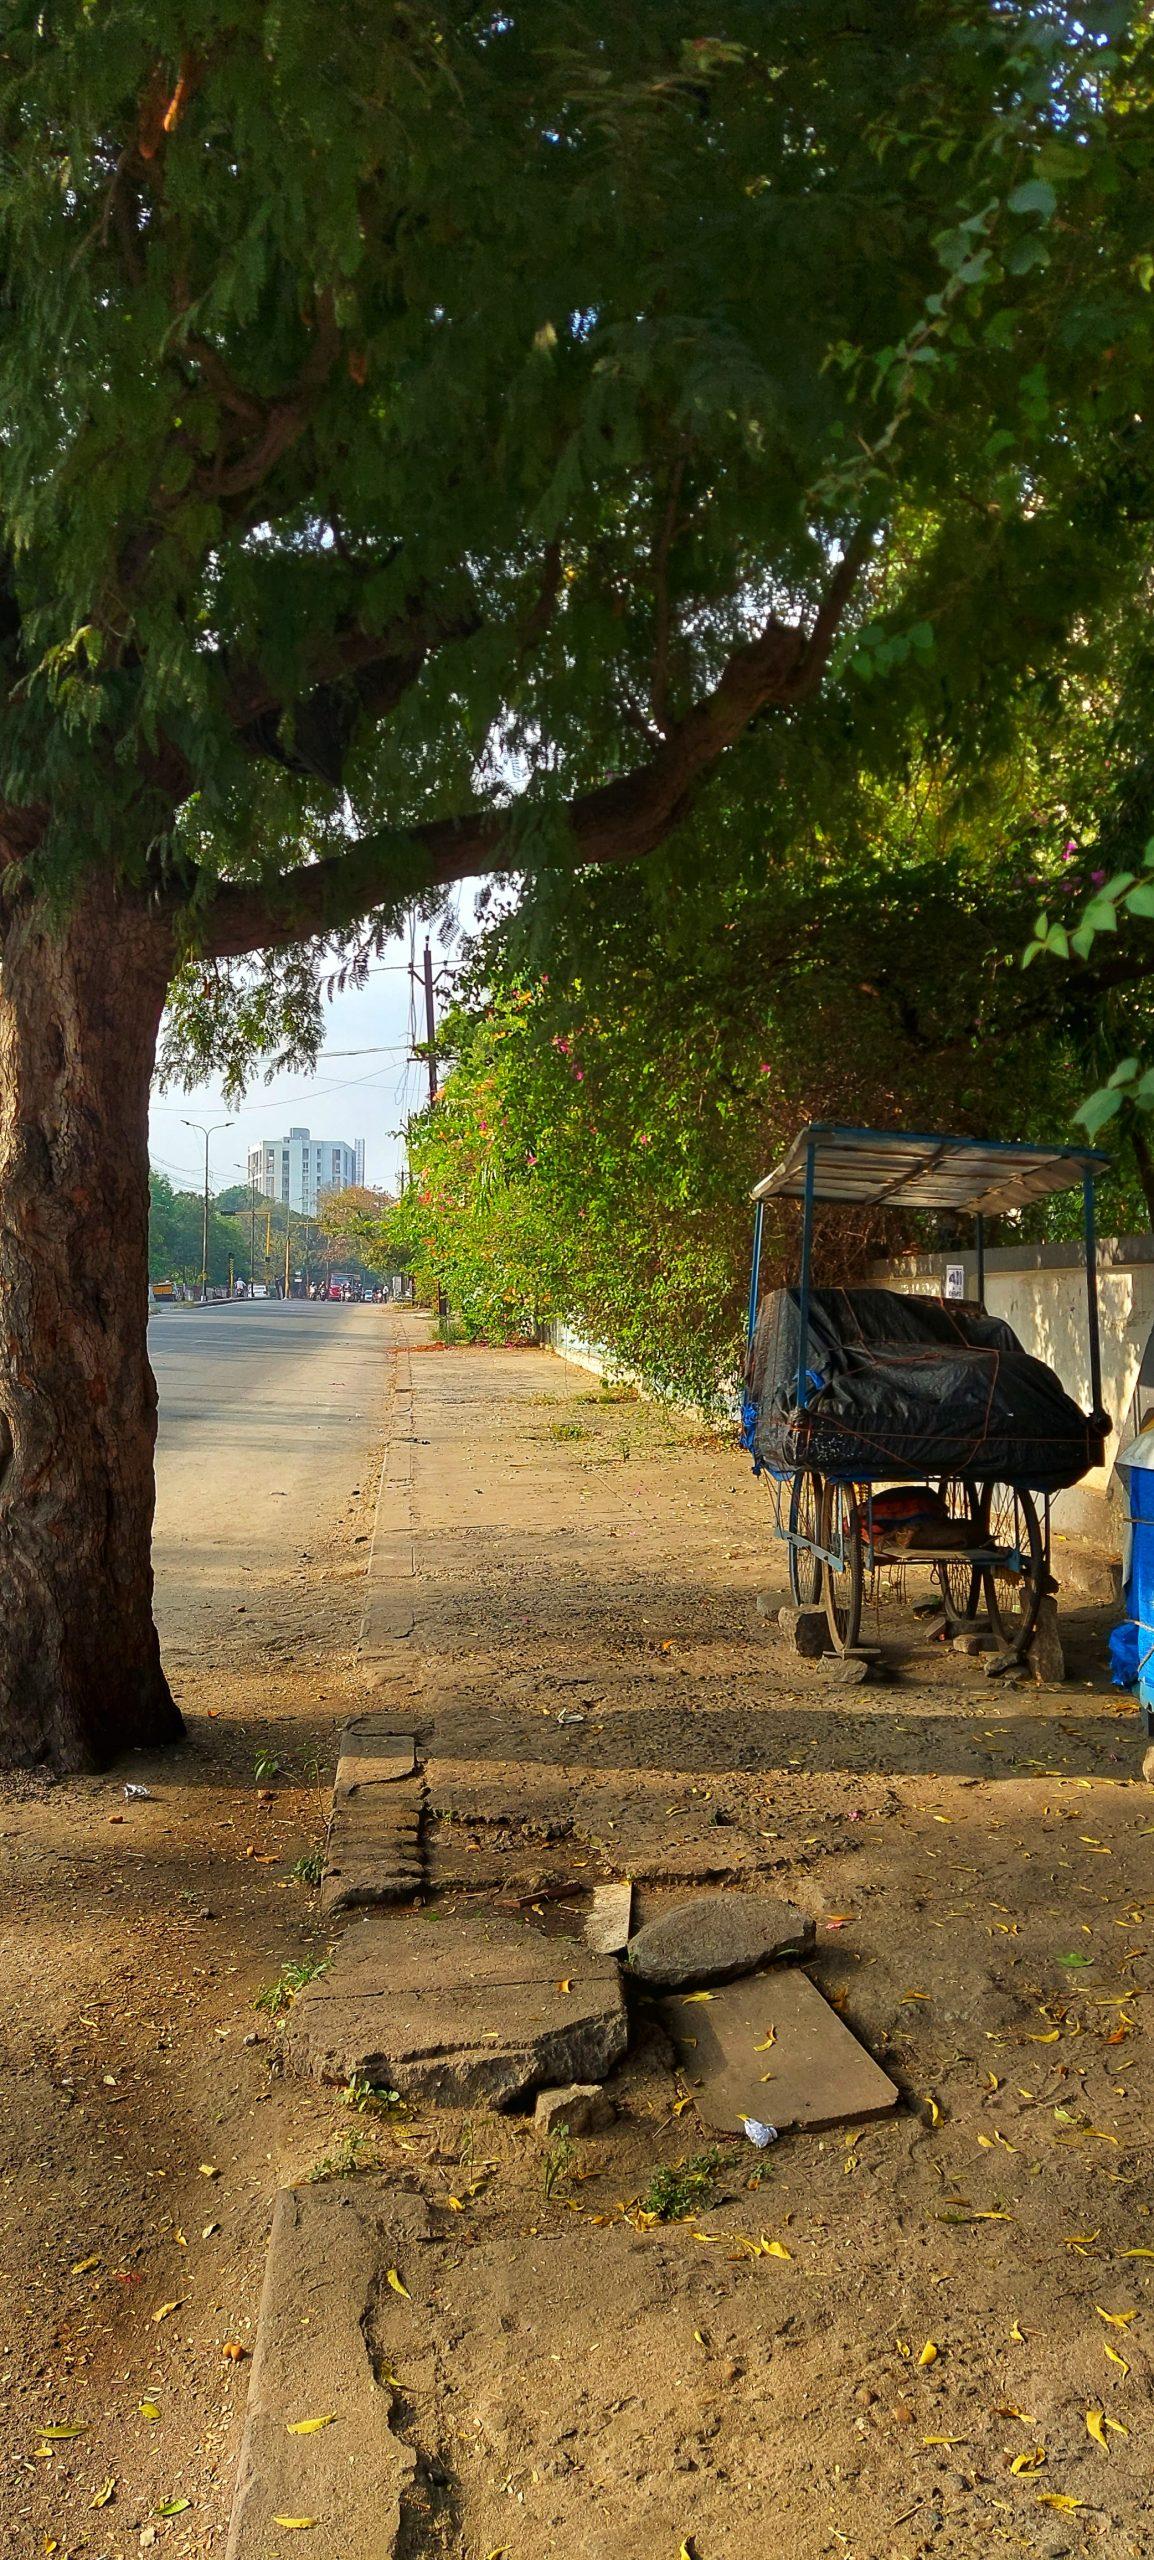 A footpath